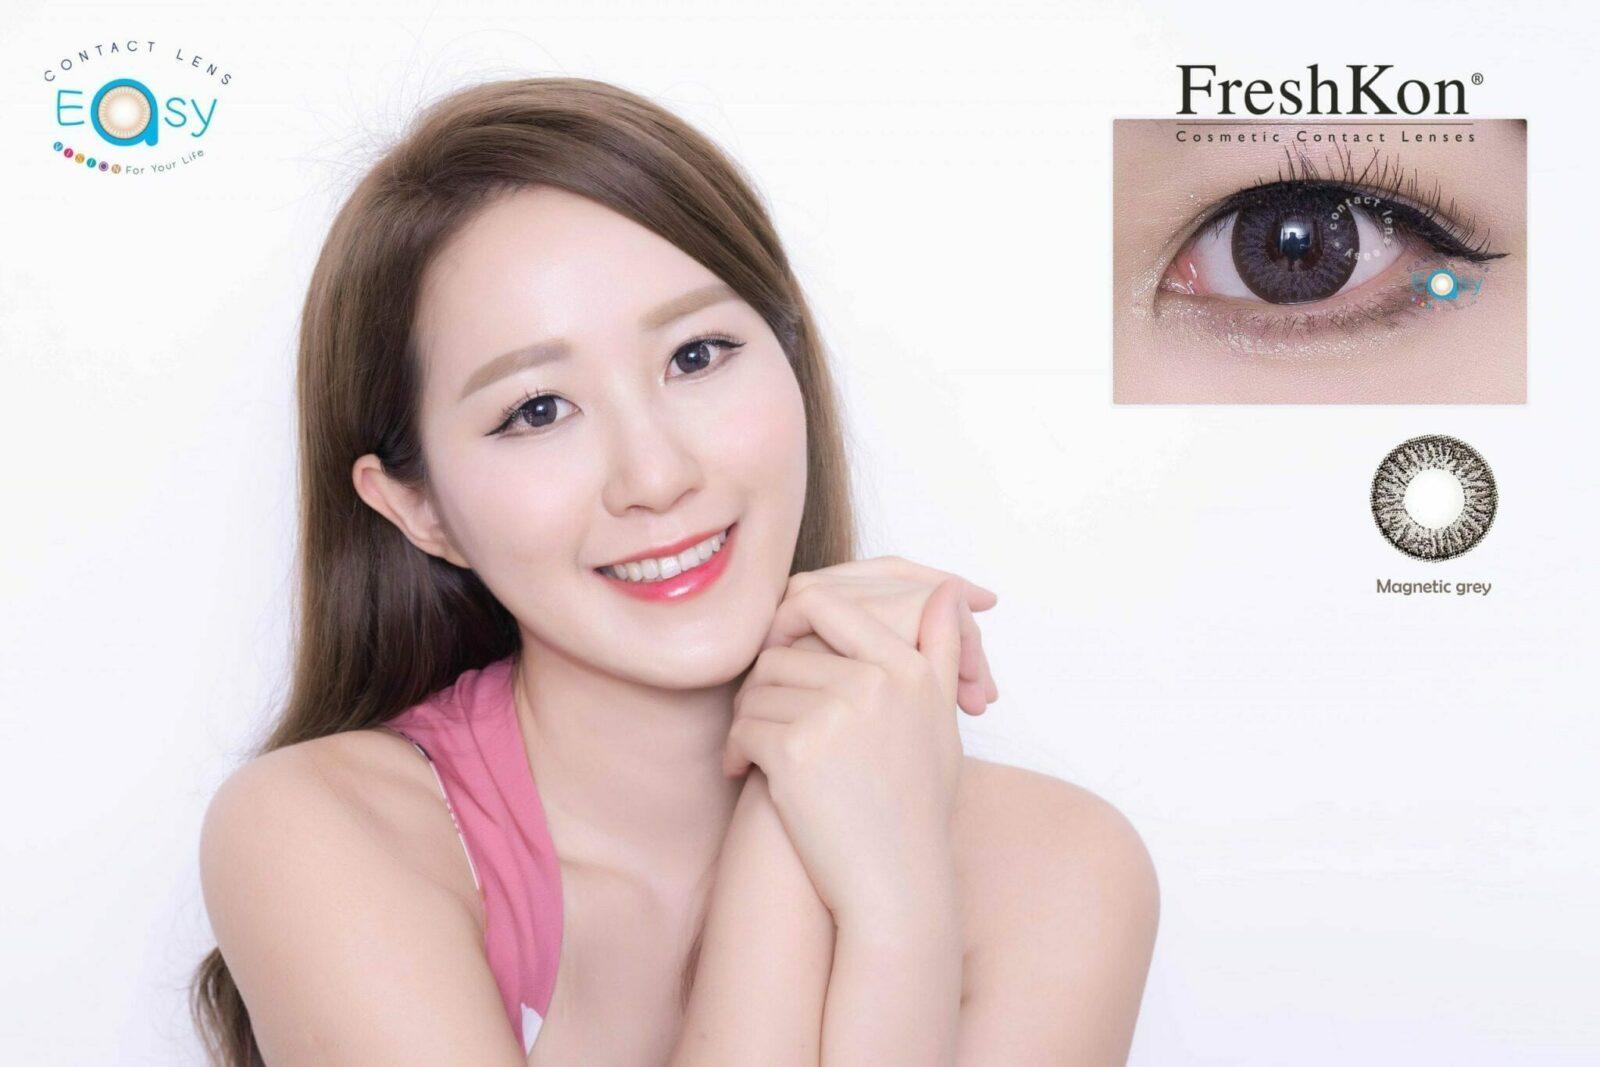 Freshkon Alluring Eyes 大美目 1 Day_info4